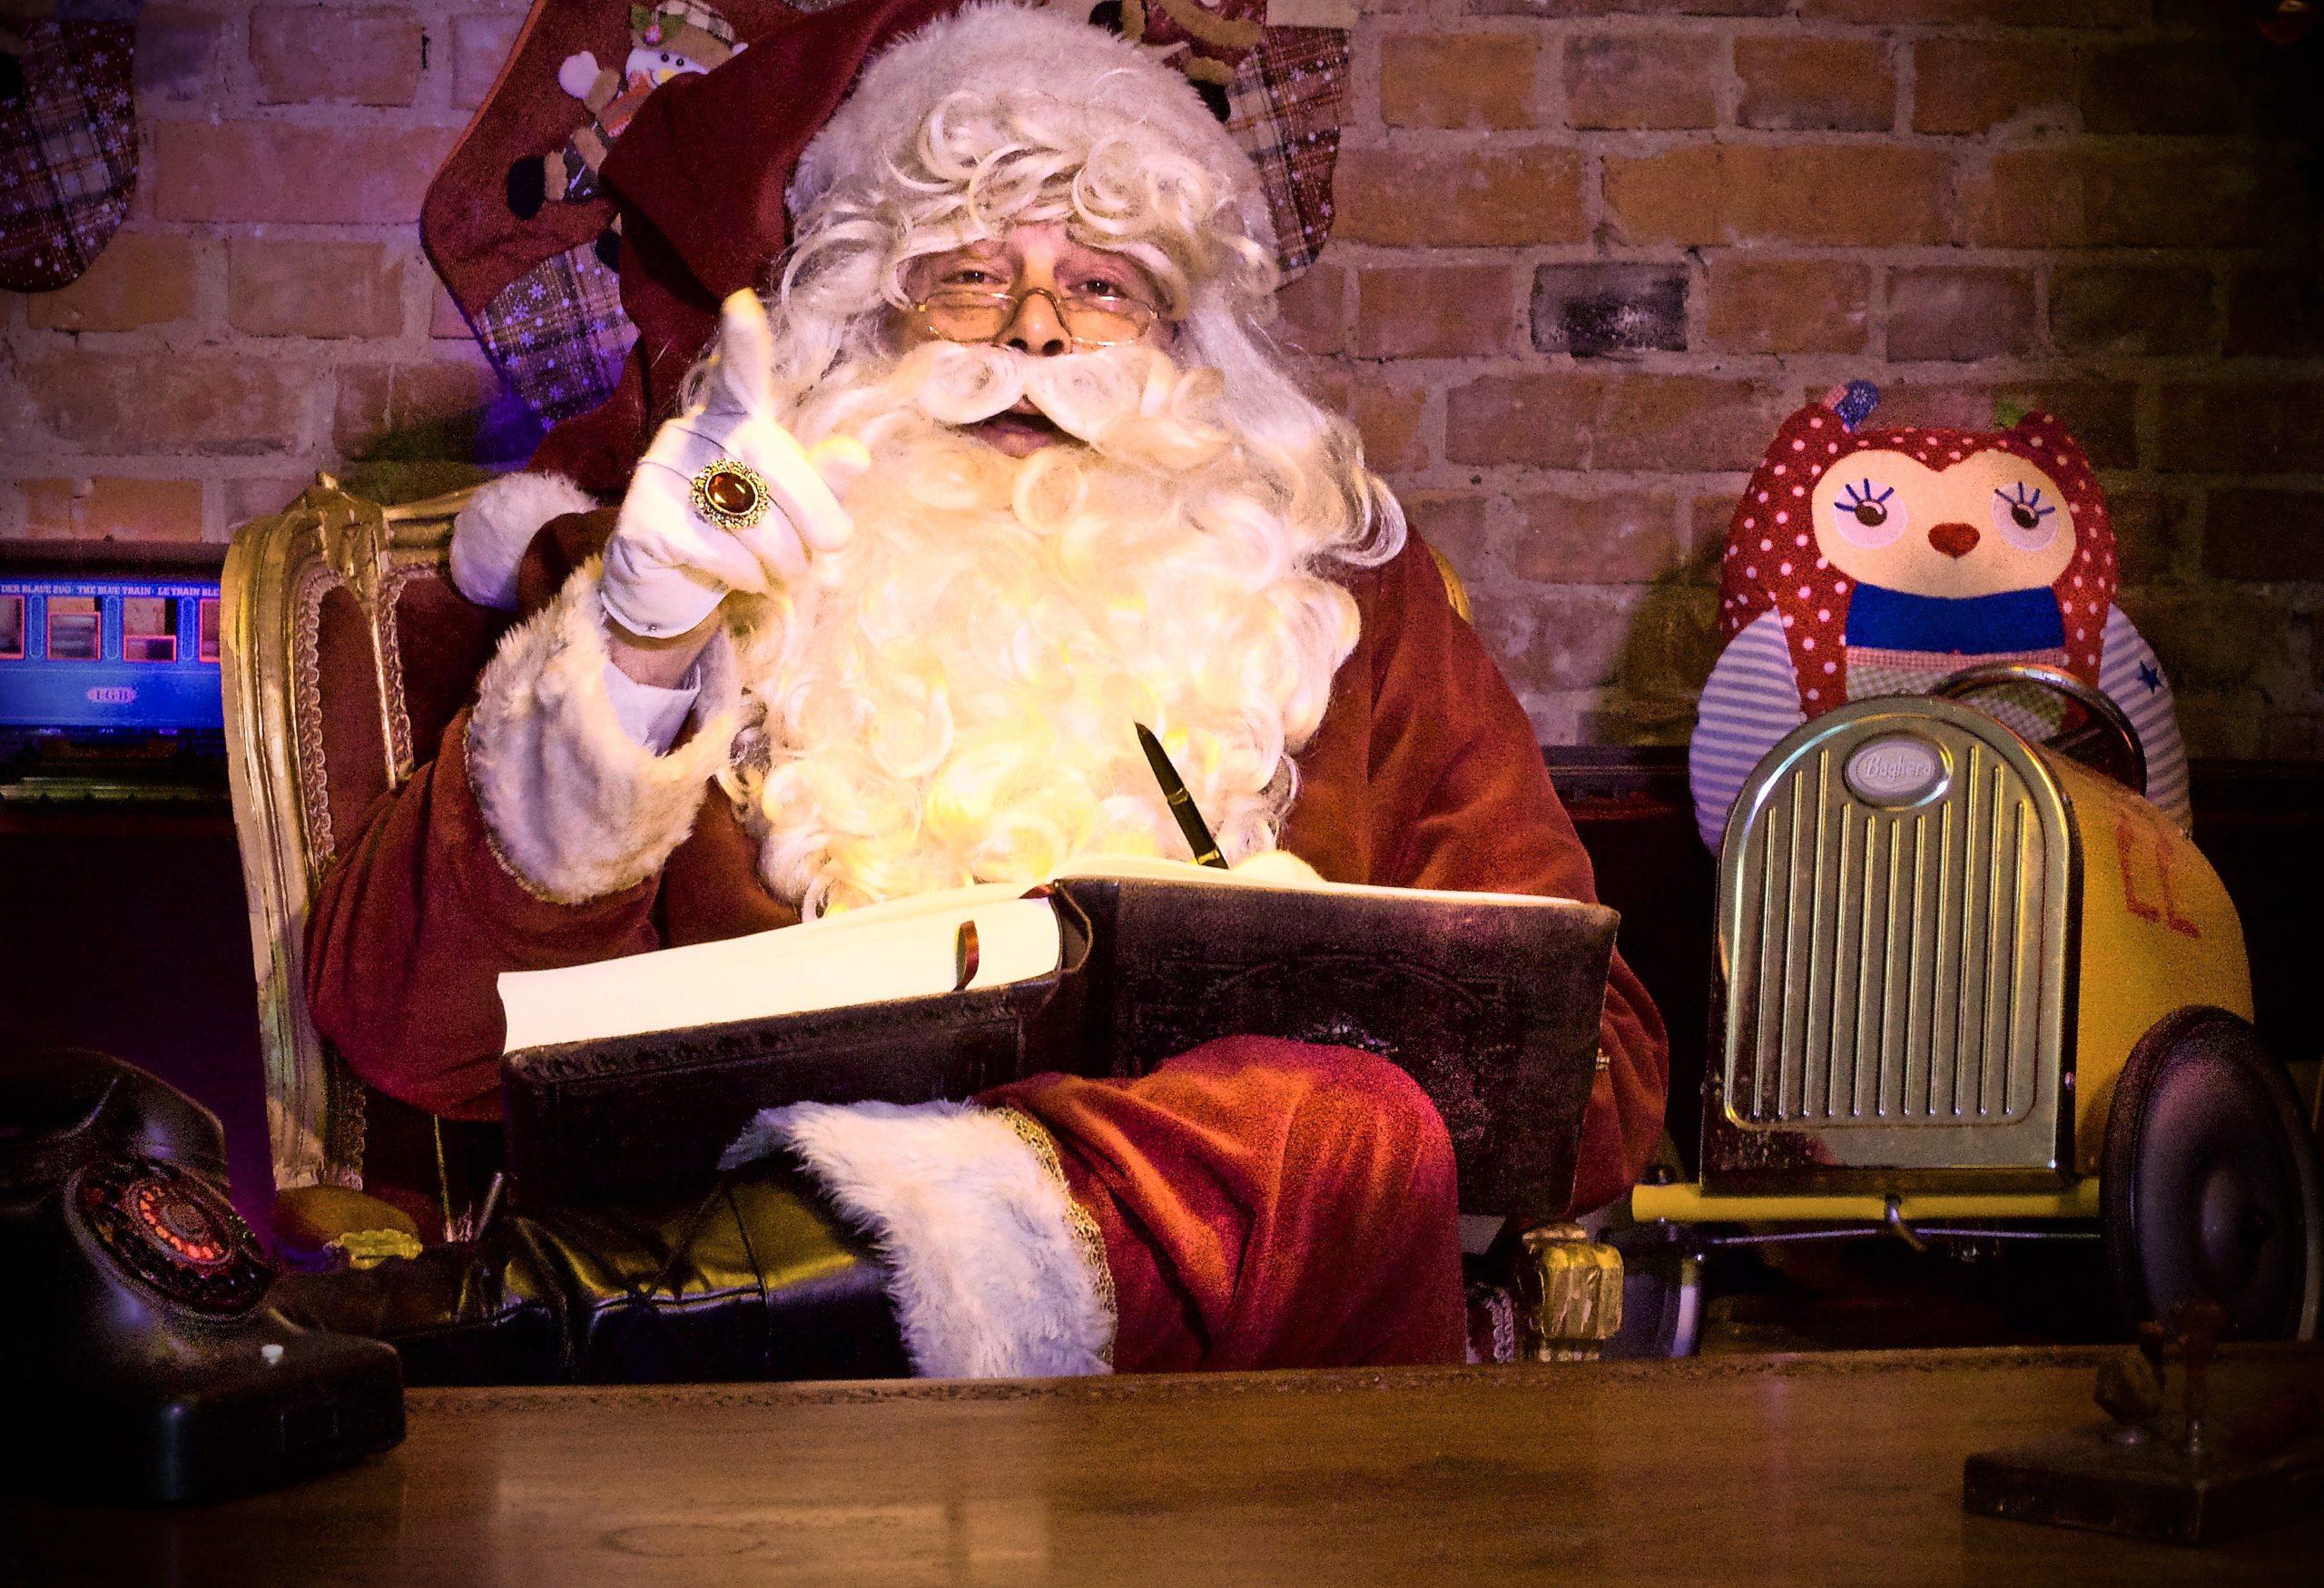 Ab sofort können sich Kinder per Videocall mit dem Weihnachtsmann absprechen. Santa goes digital – der Wochenspiegel hat mit ihm gesprochen.